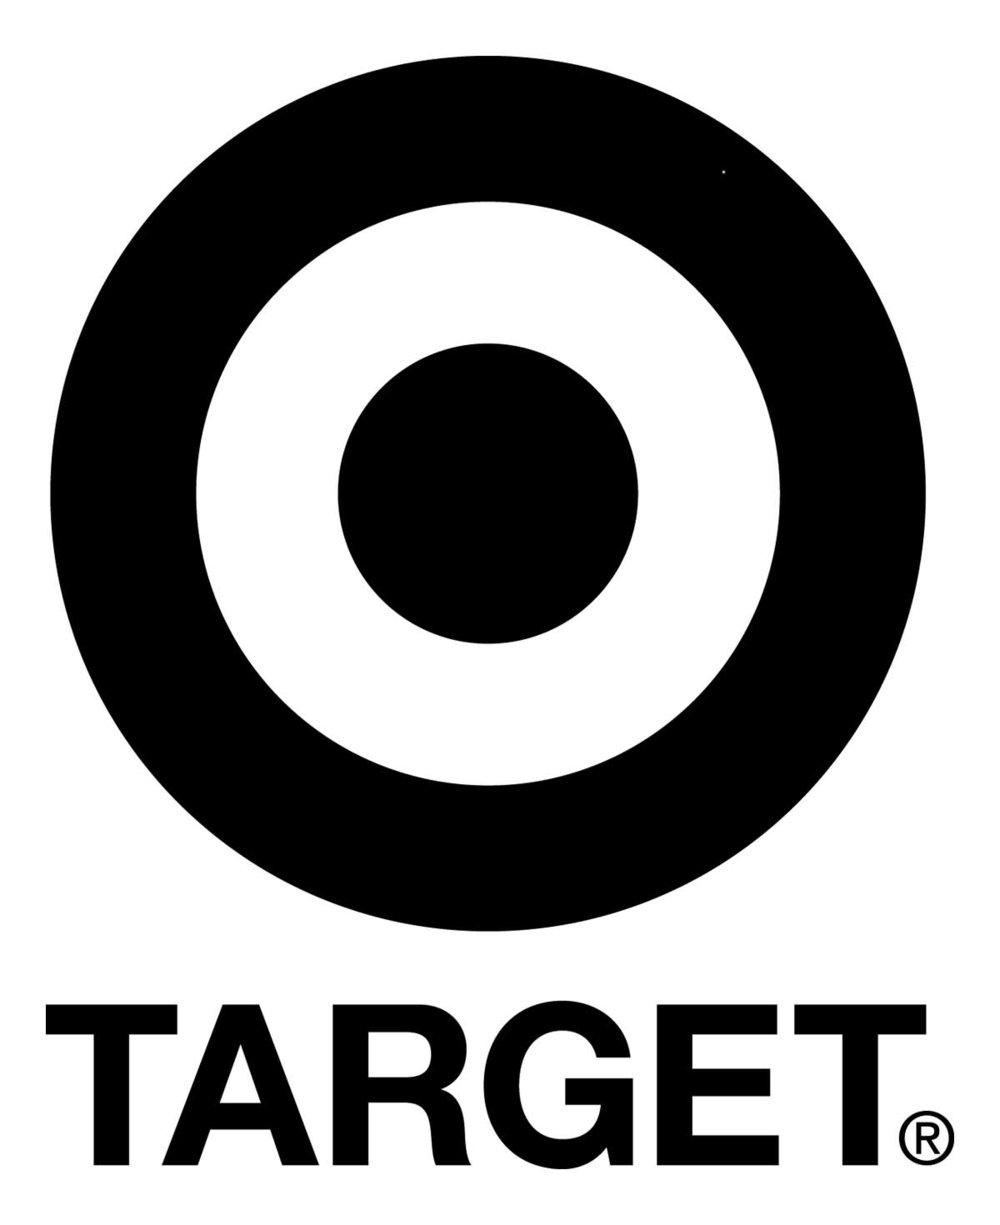 Target-black.jpg